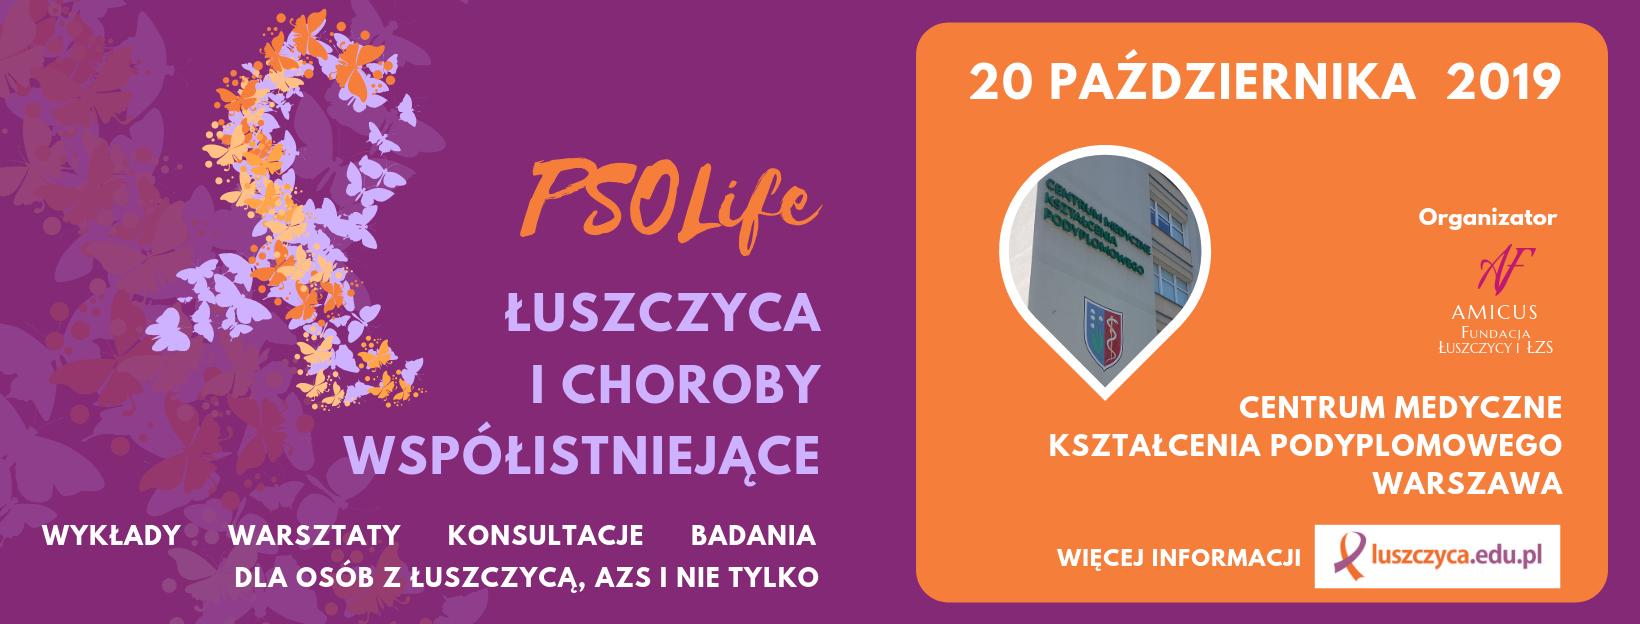 konferencja-uszczyca-2019